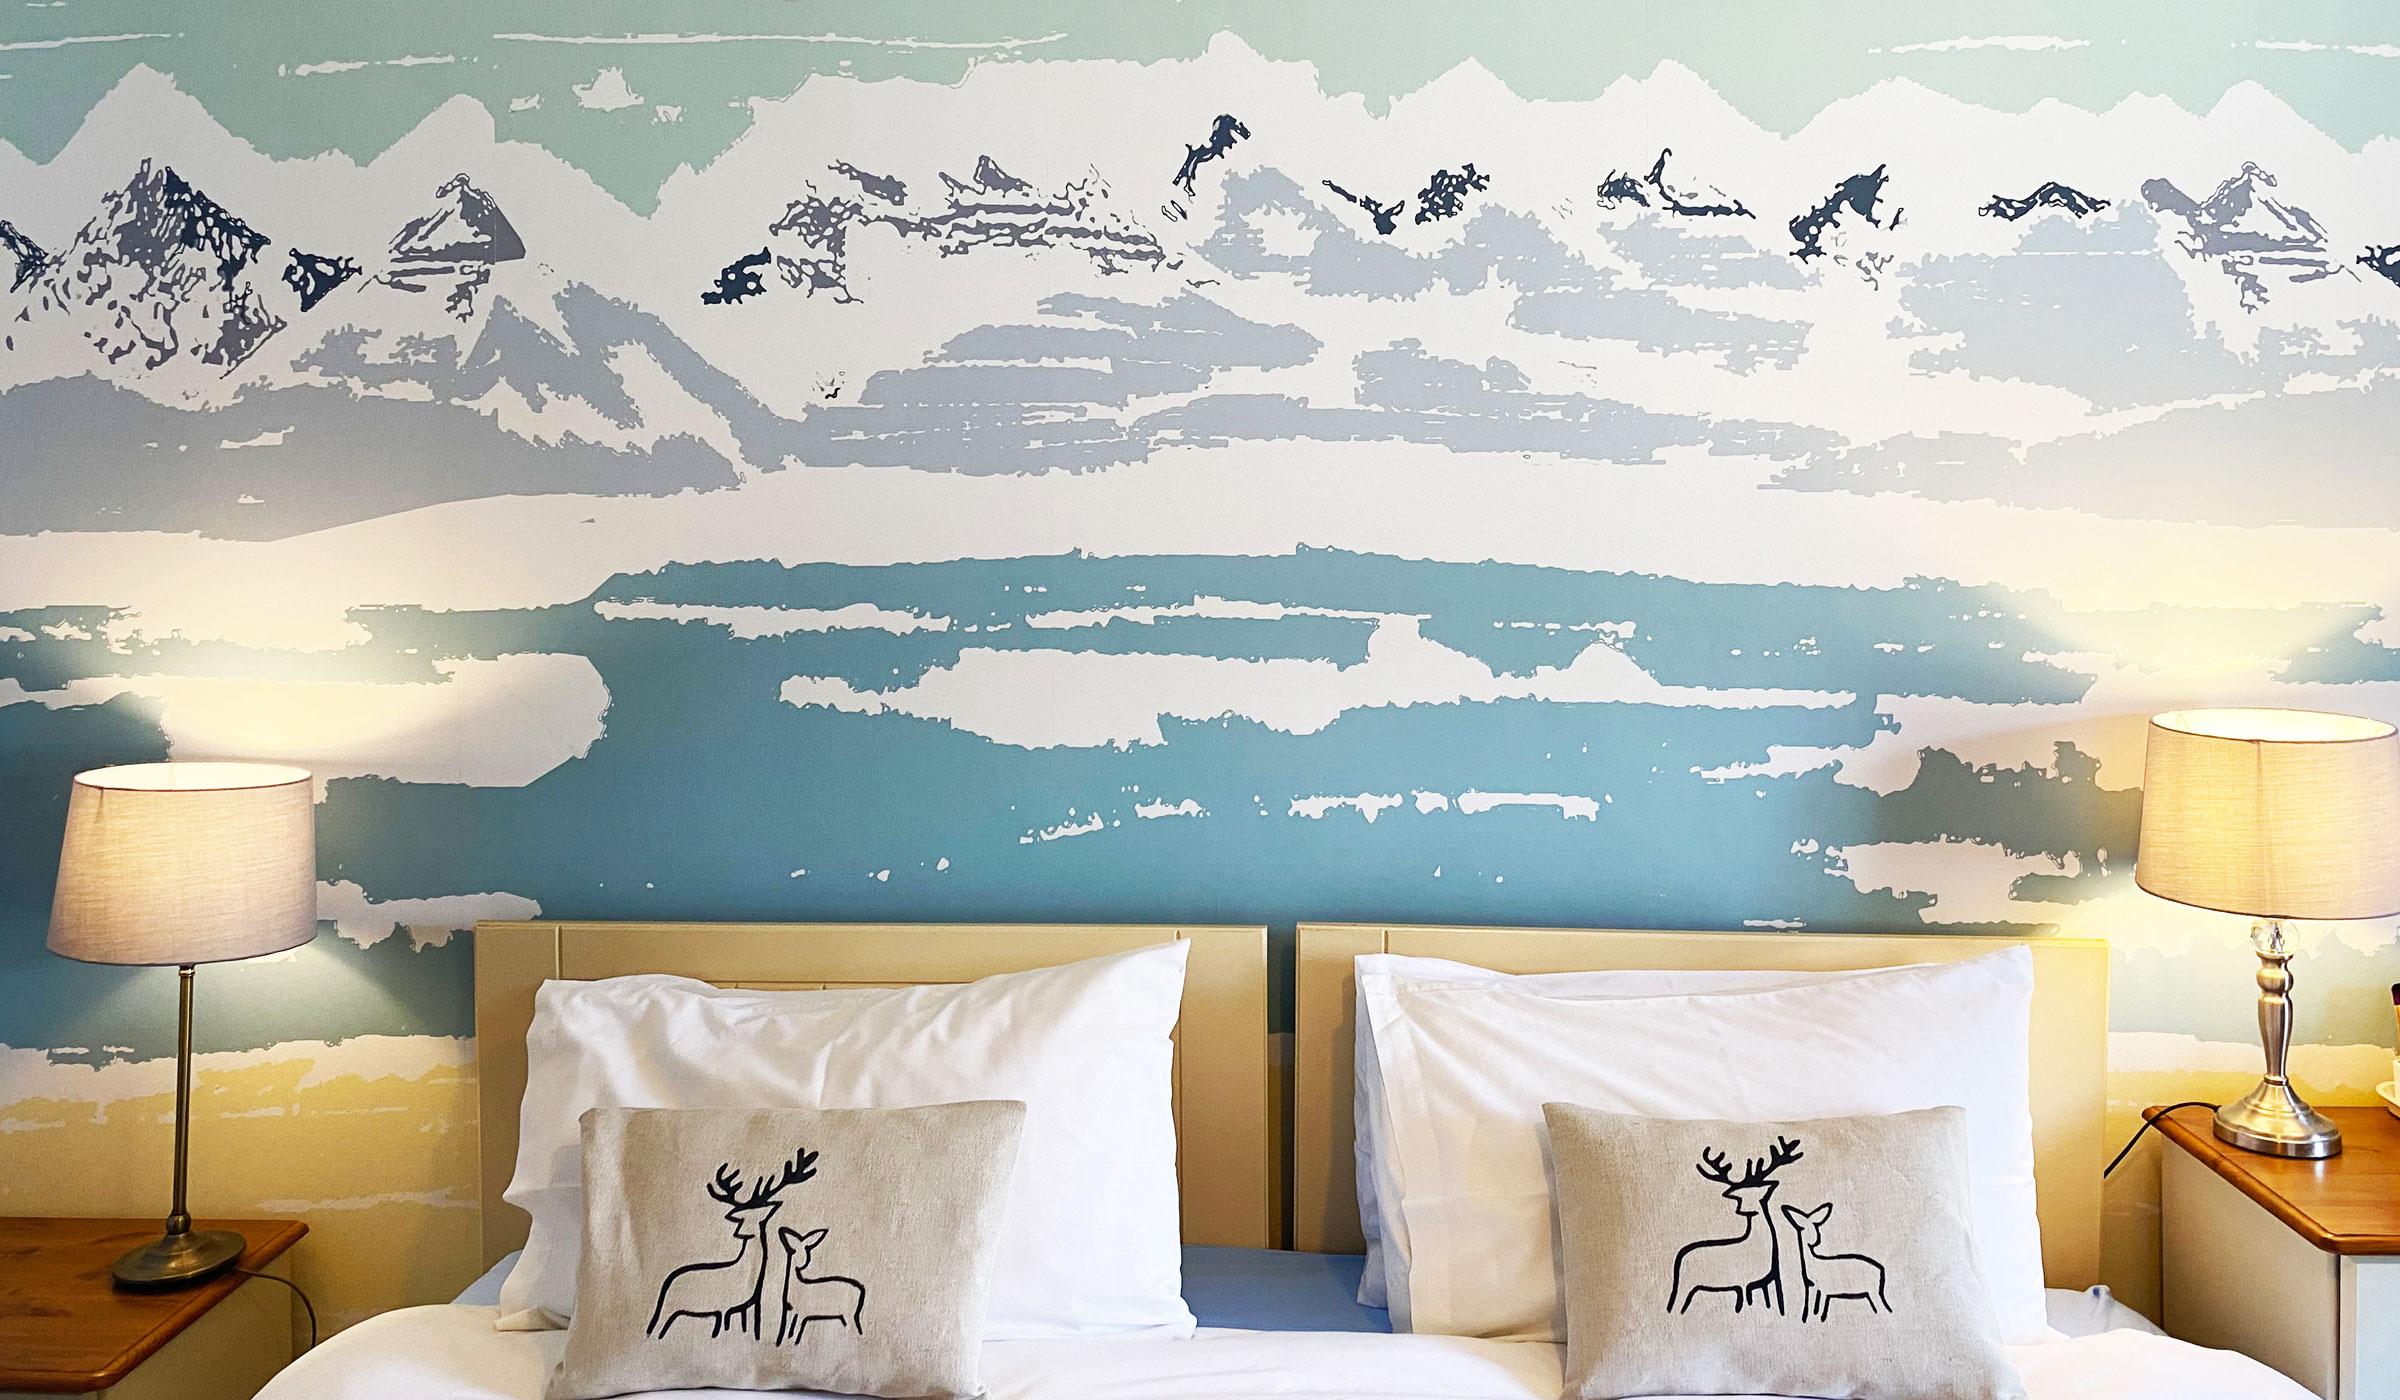 Applecross Bay Mural Wallpaper by Clement Design GALLERY